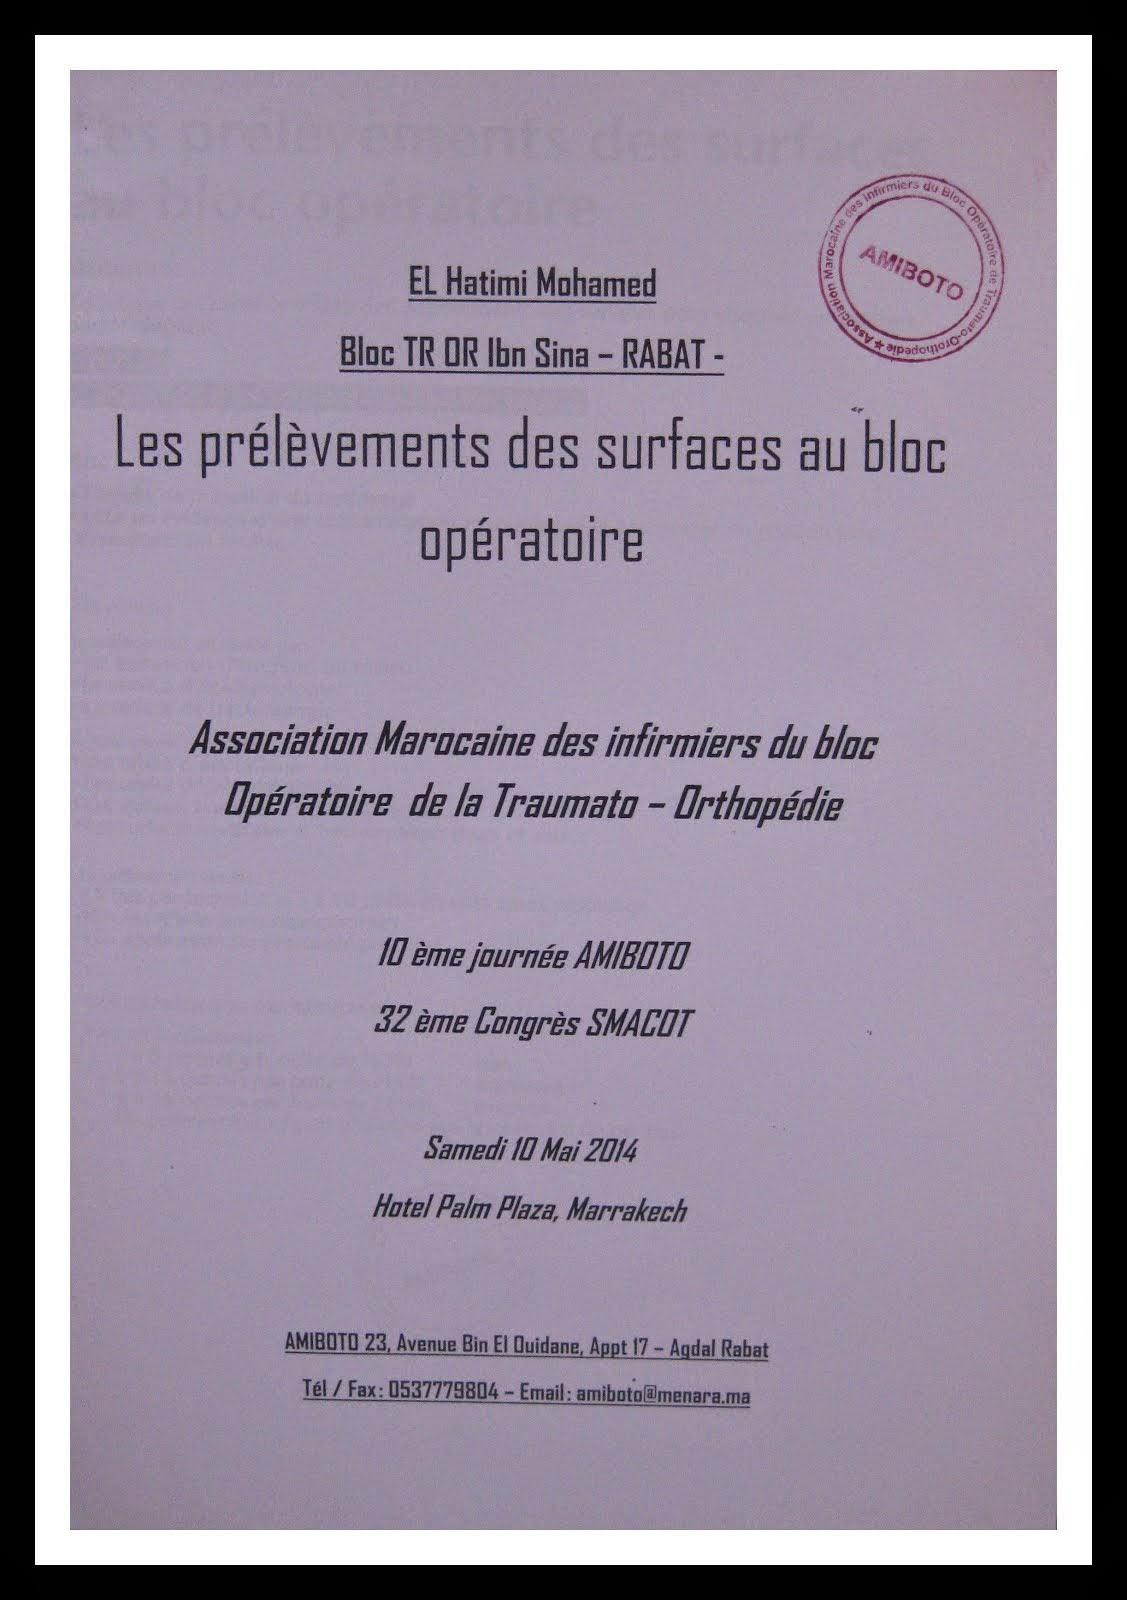 LES PREVENTIONS DES SURFACEES AU BLOC OPERATOIRE